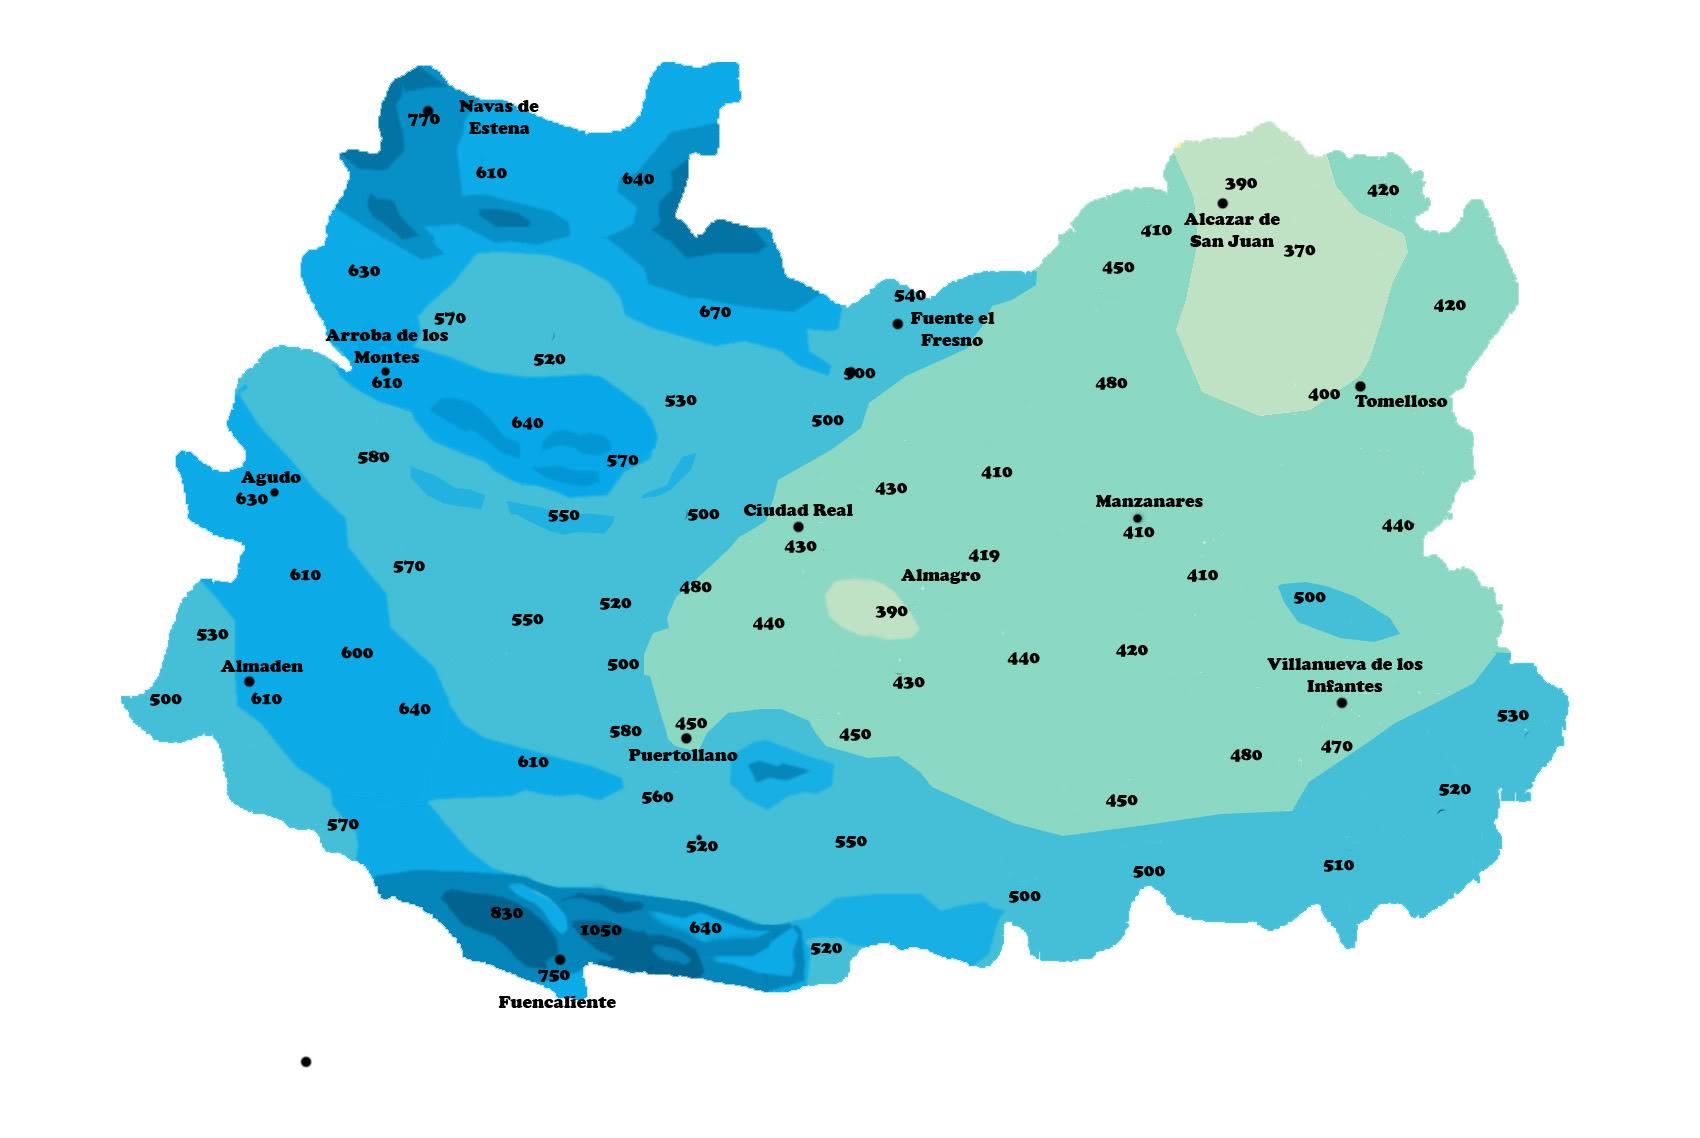 Precipitación media anual en la Provincia de Ciudad Real